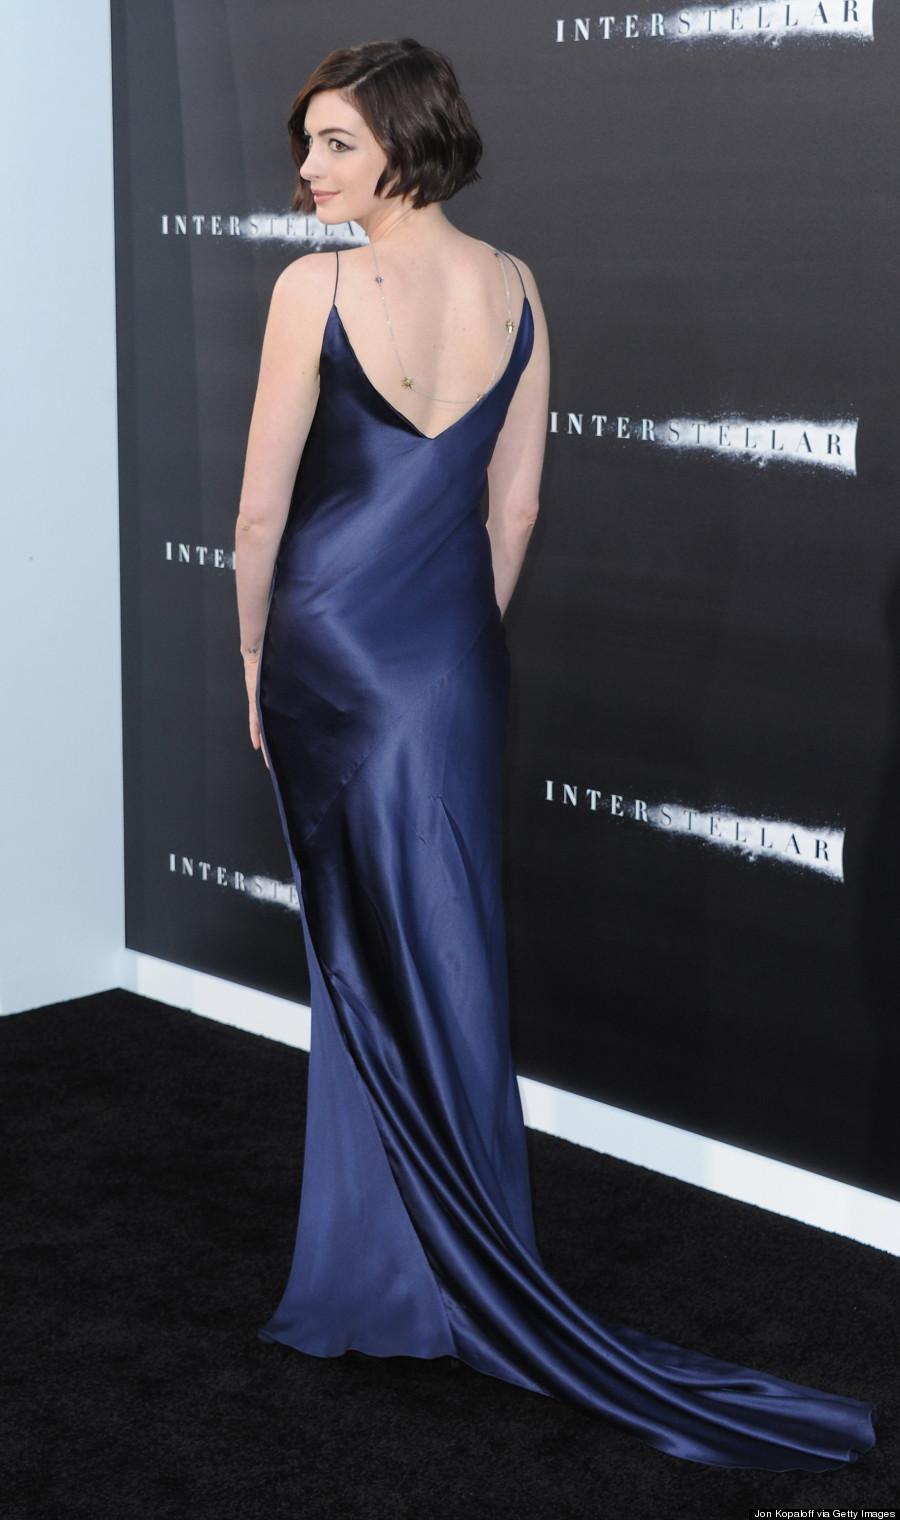 Anne Hathaway Rocks A Boudoir Look In Slinky Satin Dress